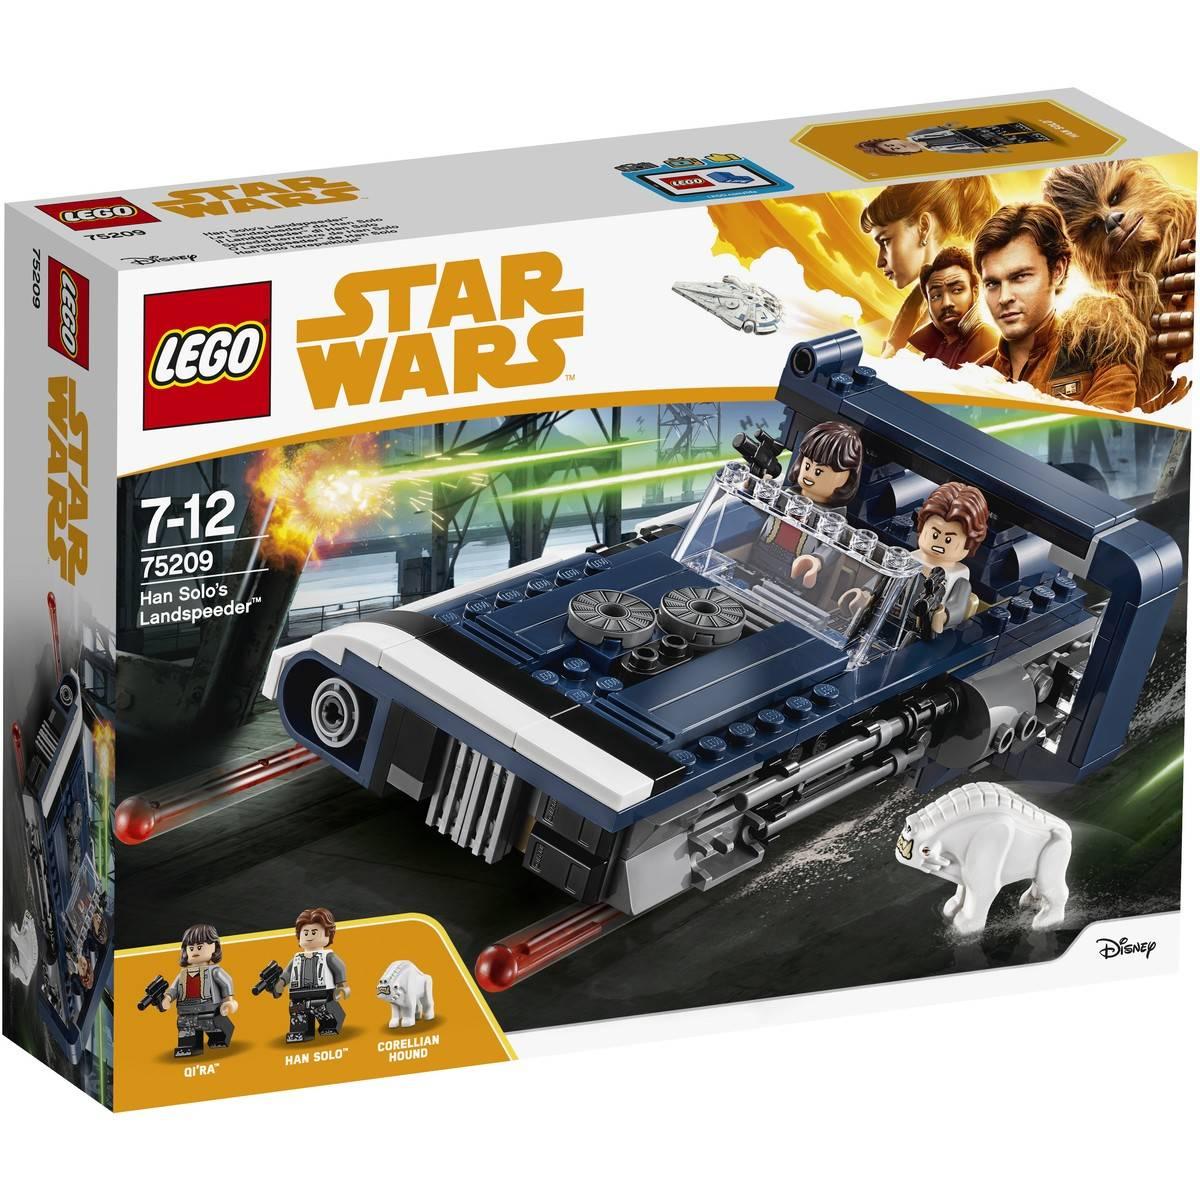 LEGO Star Wars 75209 - Han Solo's Landspeeder £14.99 instore @ Game